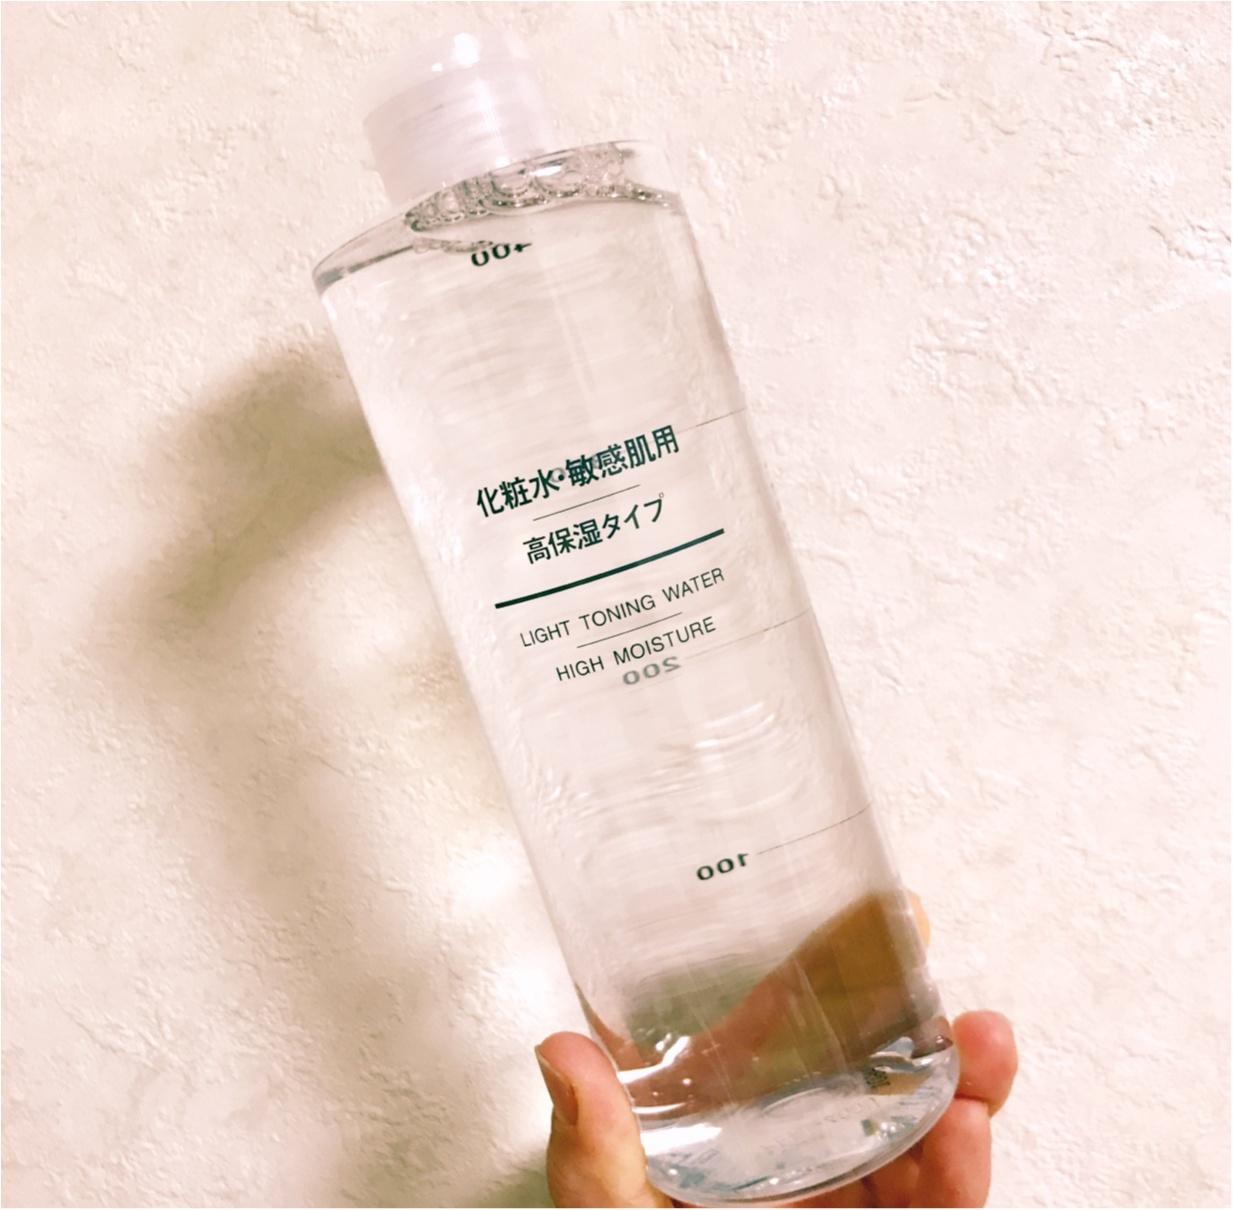 愛用中の高コスパ化粧水、冬仕様にチェンジしました♡_2